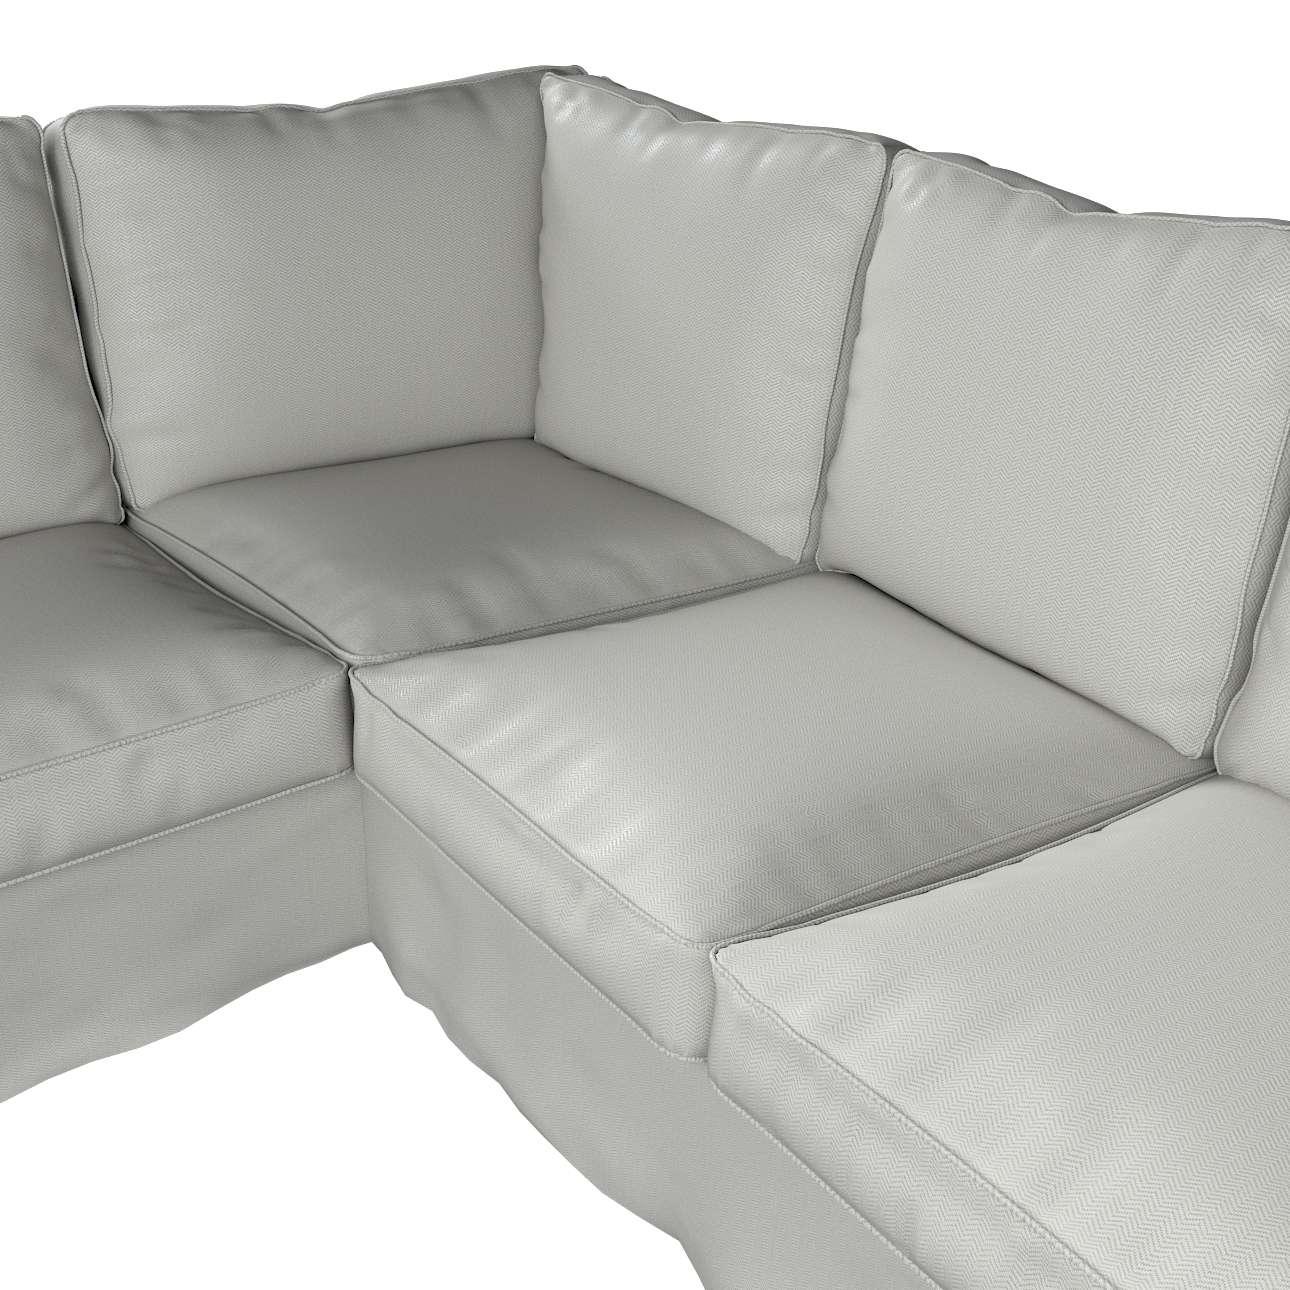 Pokrowiec Ektorp na sofę narożną w kolekcji Bergen, tkanina: 161-84